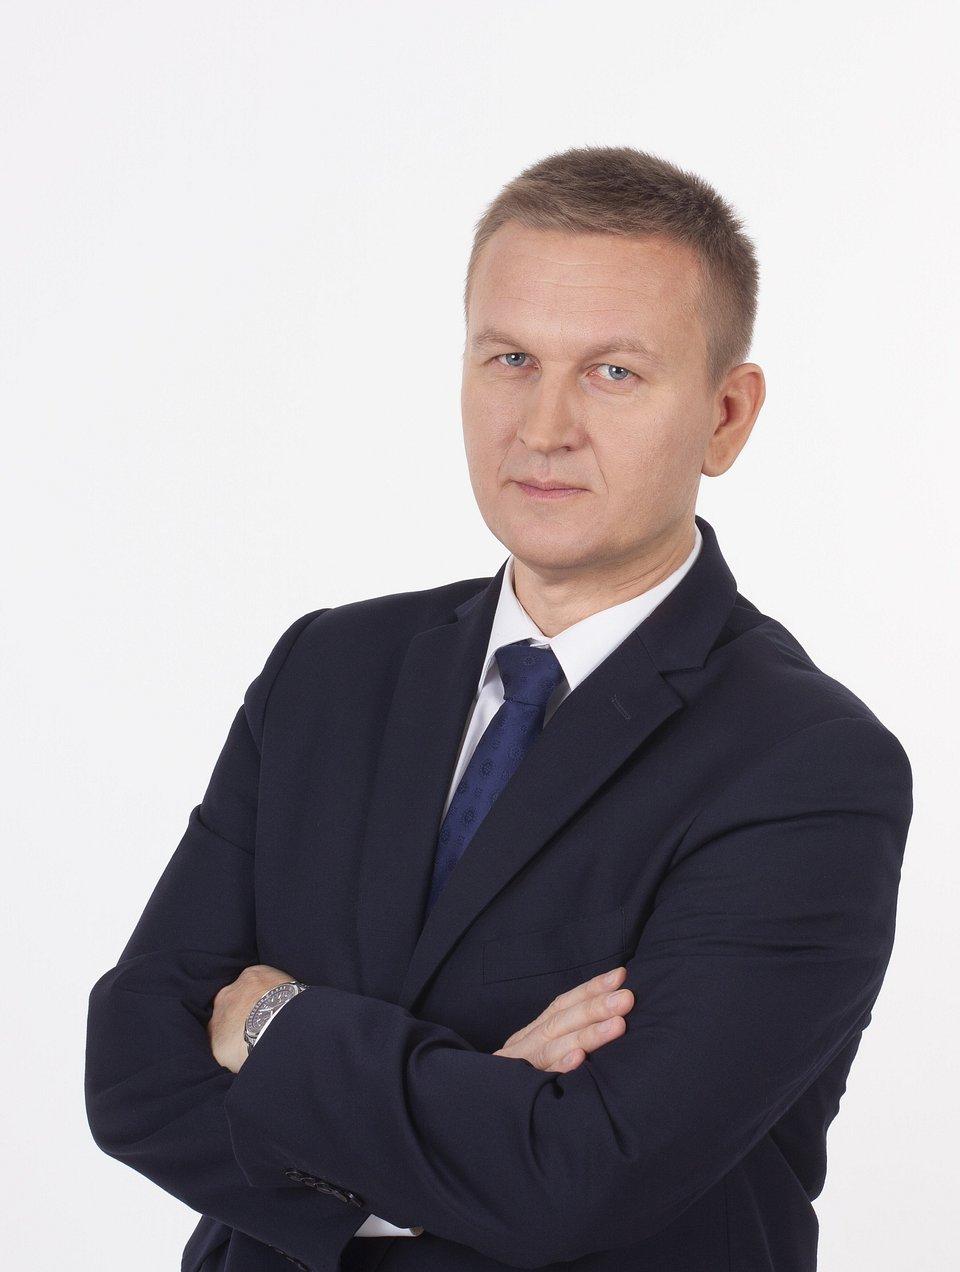 Igor Roguski objął nowe stanowisko z dniem 3 grudnia 2018 r.